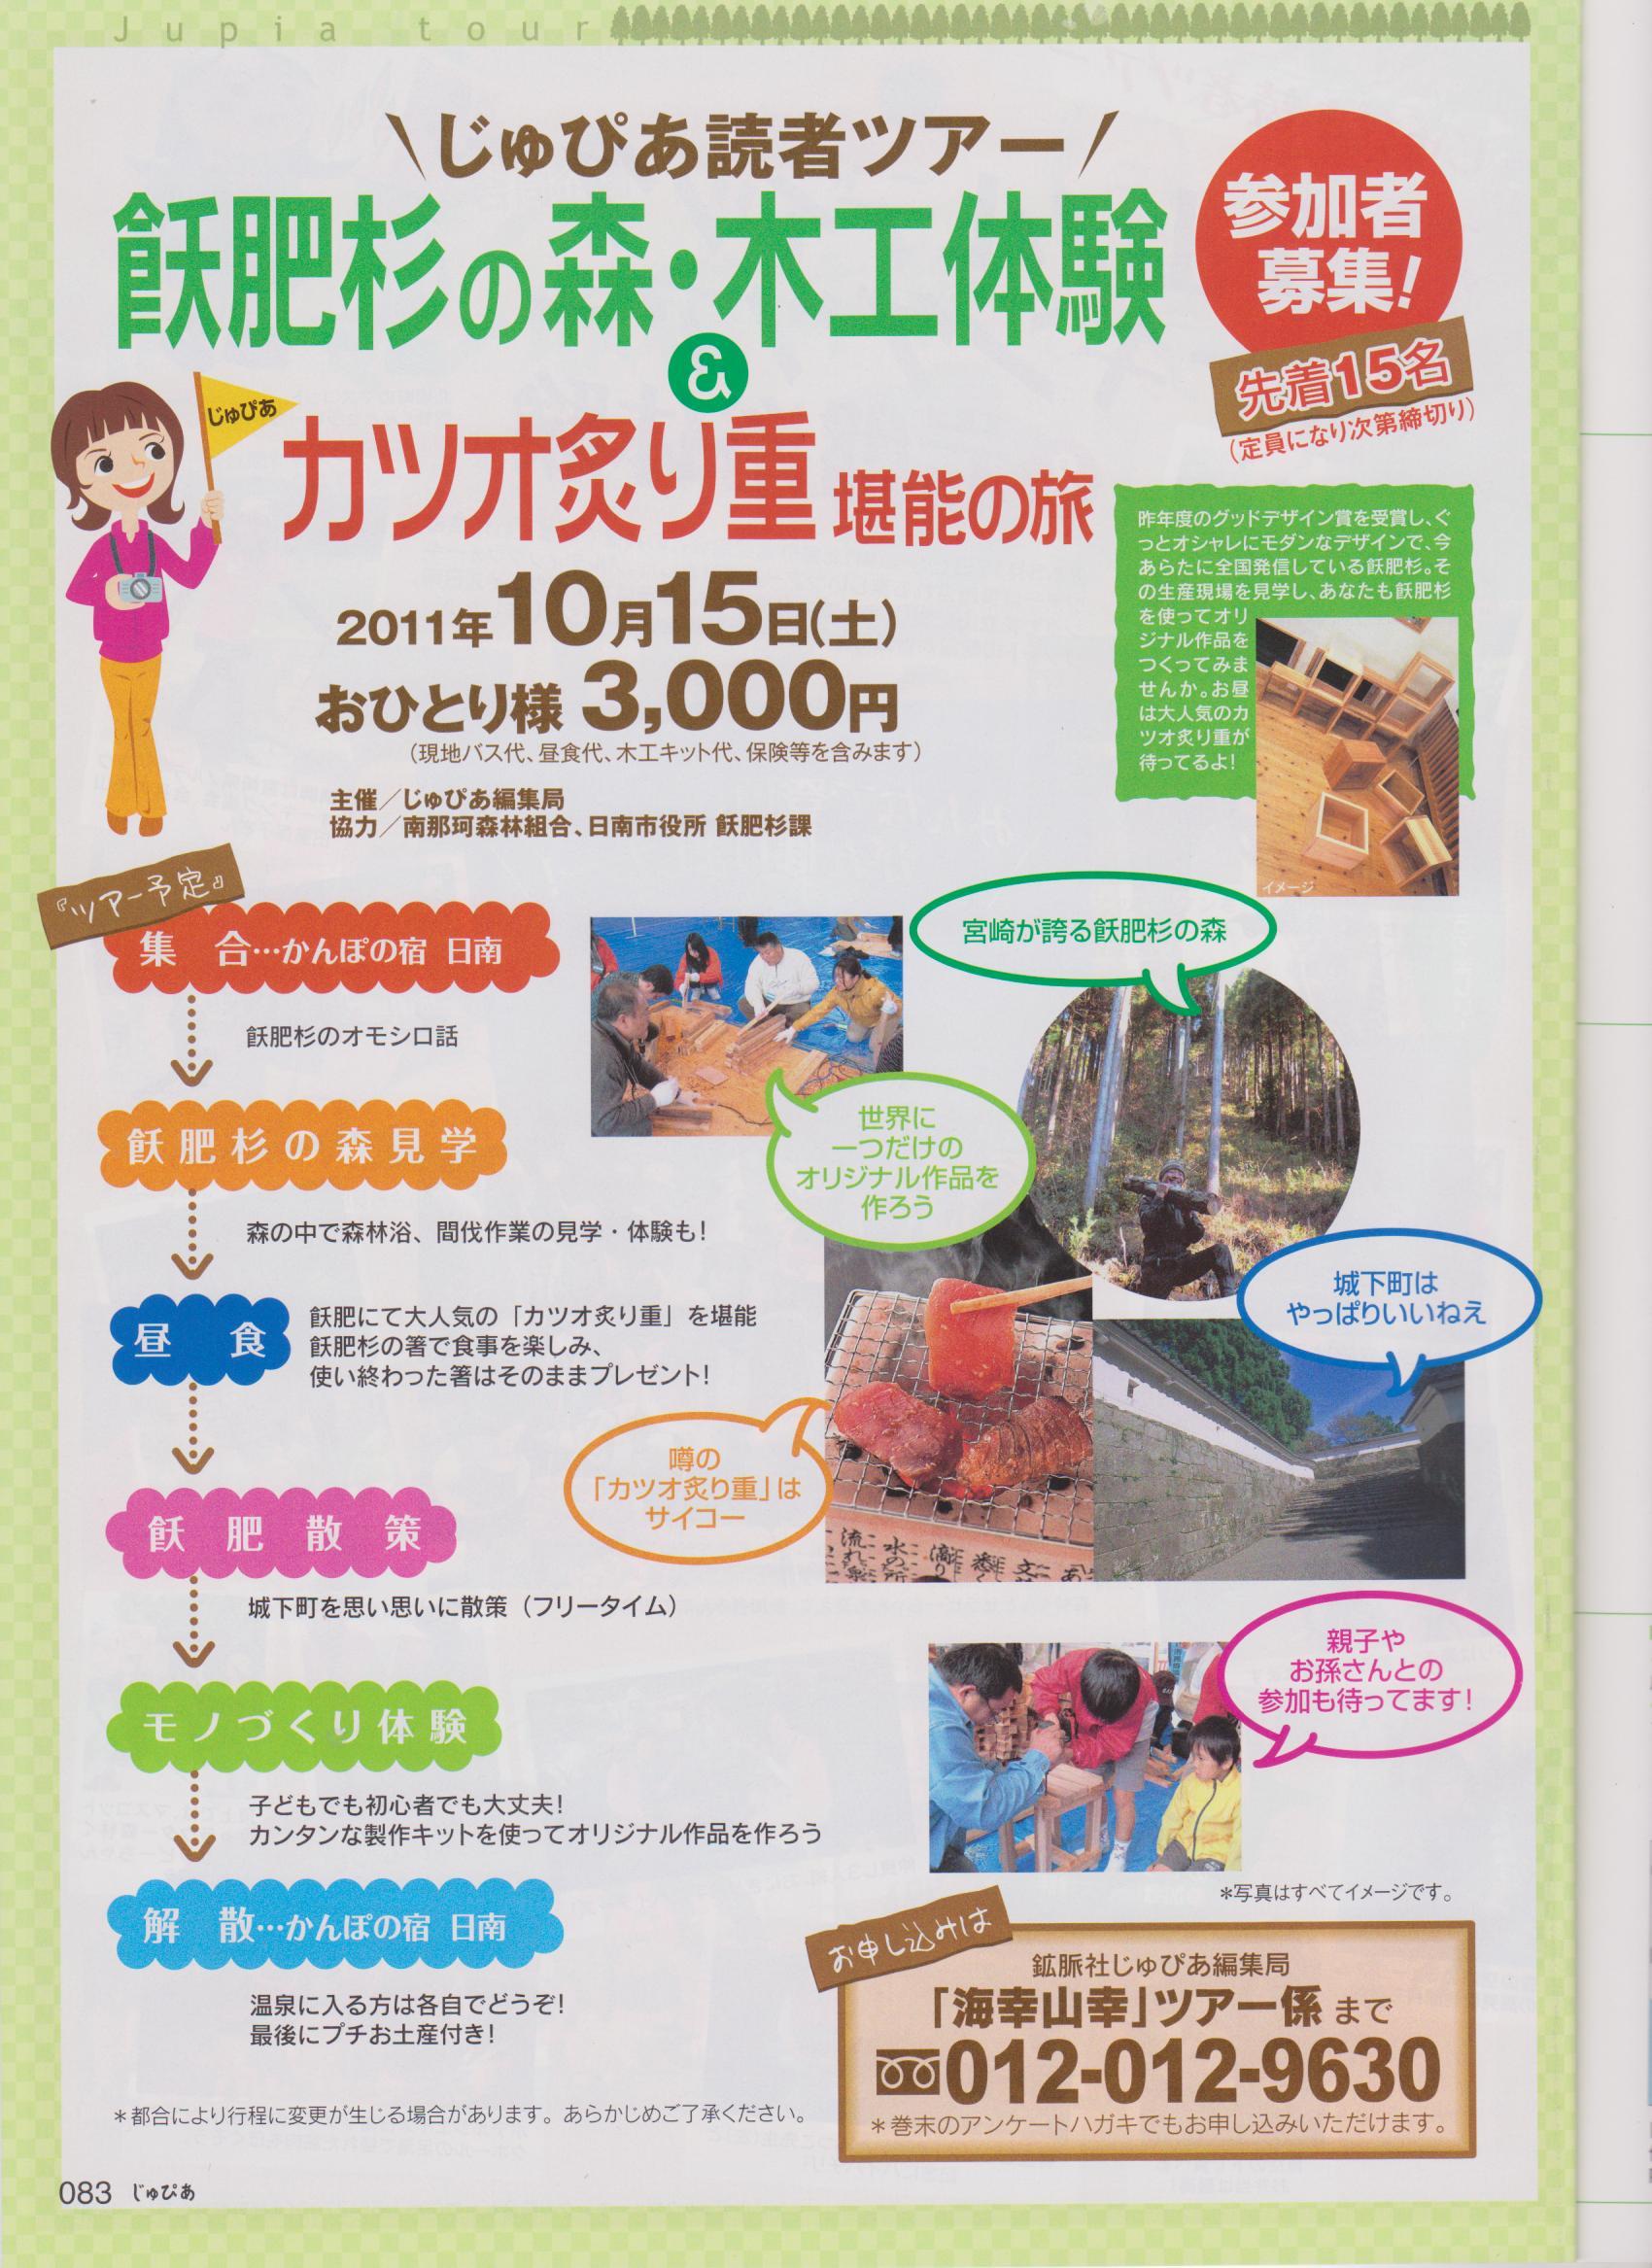 飫肥杉ツアー2011秋 レポート_f0138874_15392534.jpg